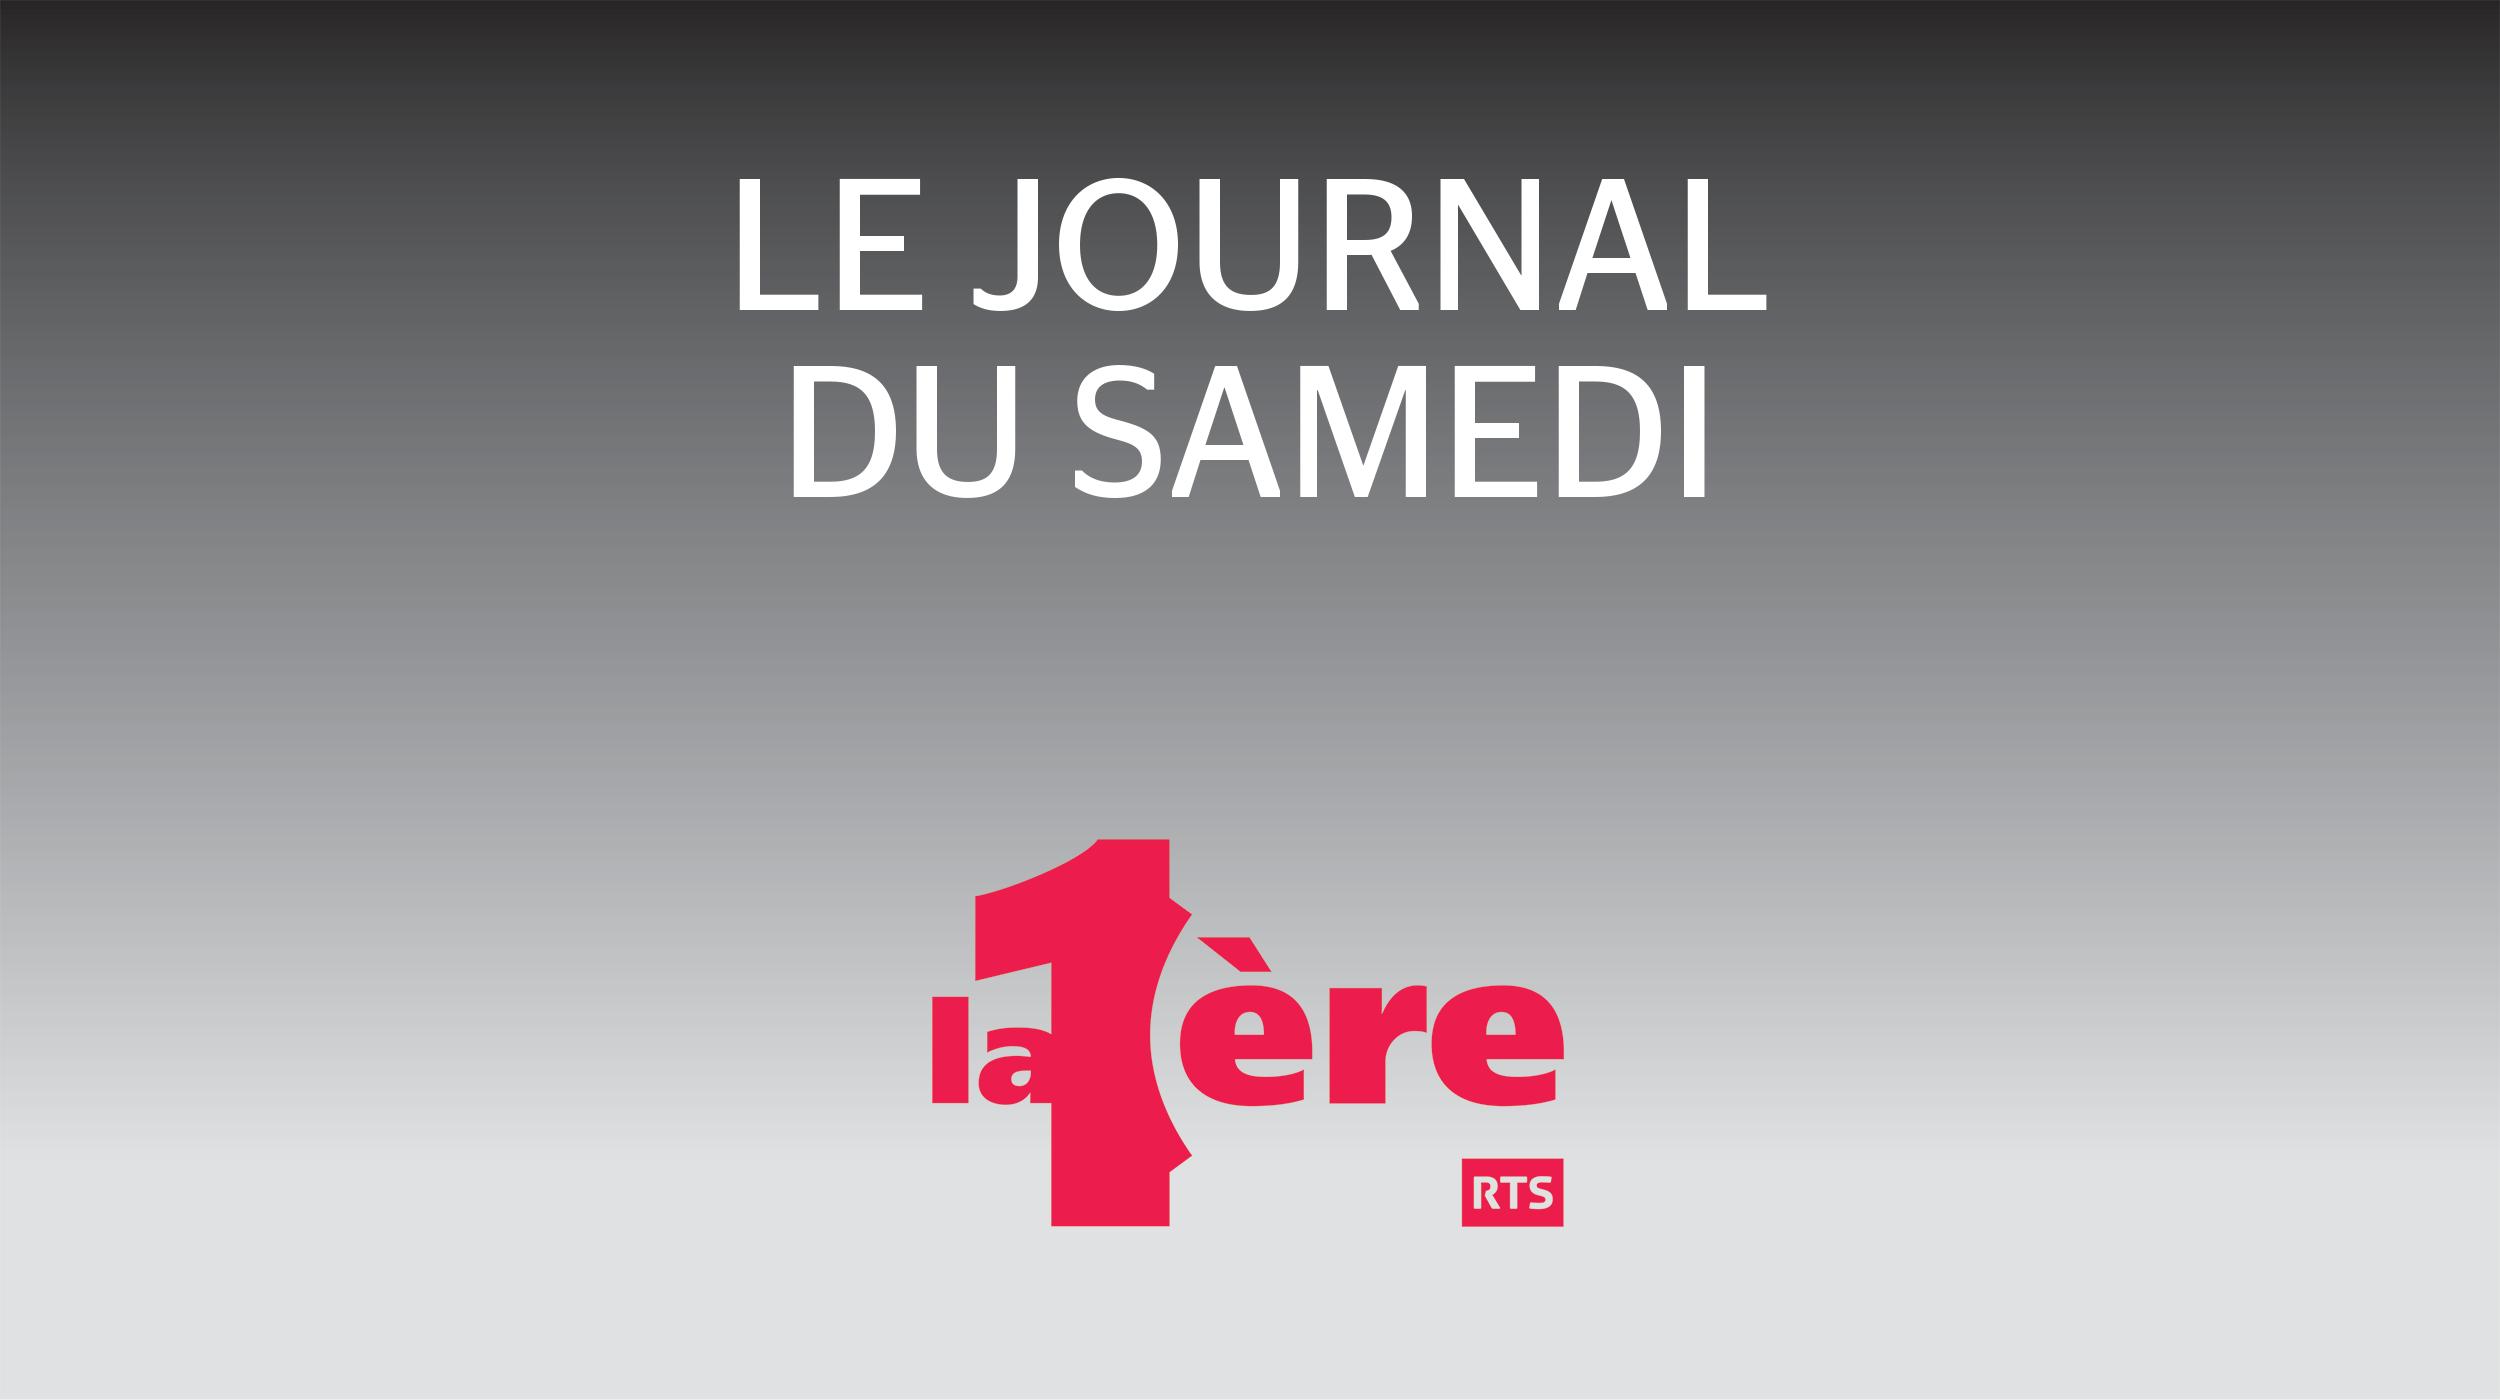 Logo Le journal du samedi [RTS]